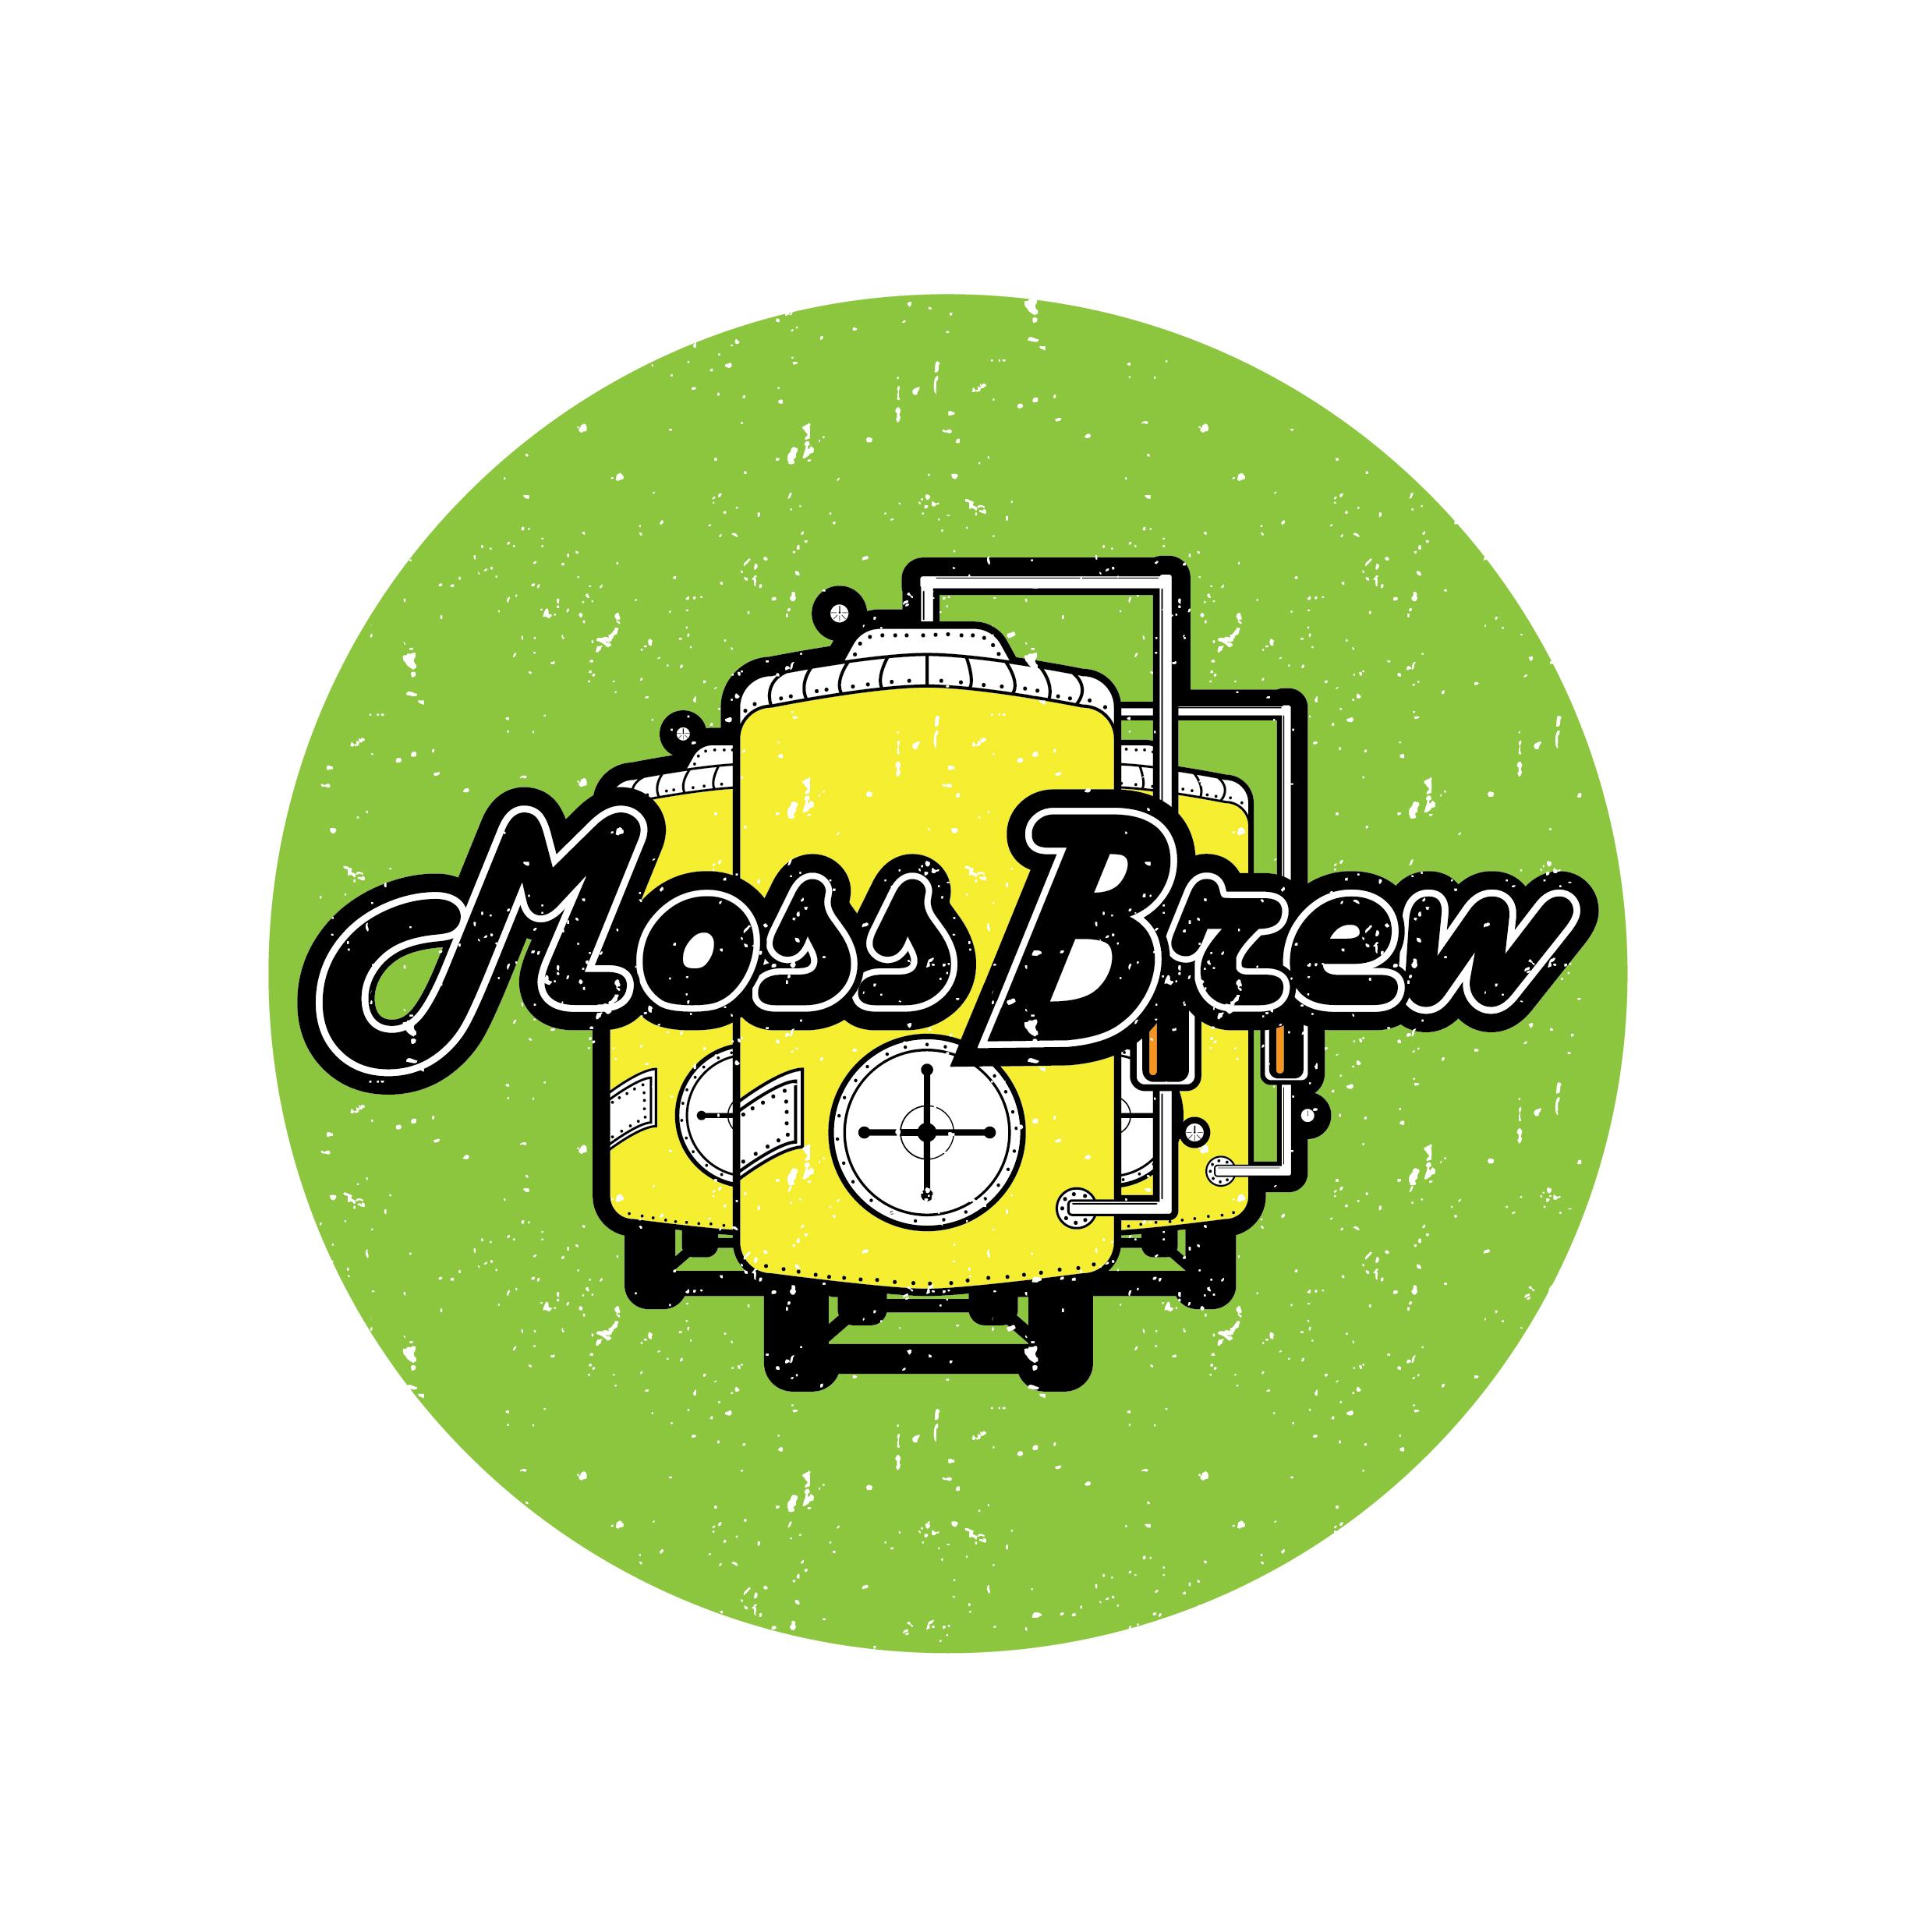 Логотип для пивоварни фото f_815598694402c14d.jpg